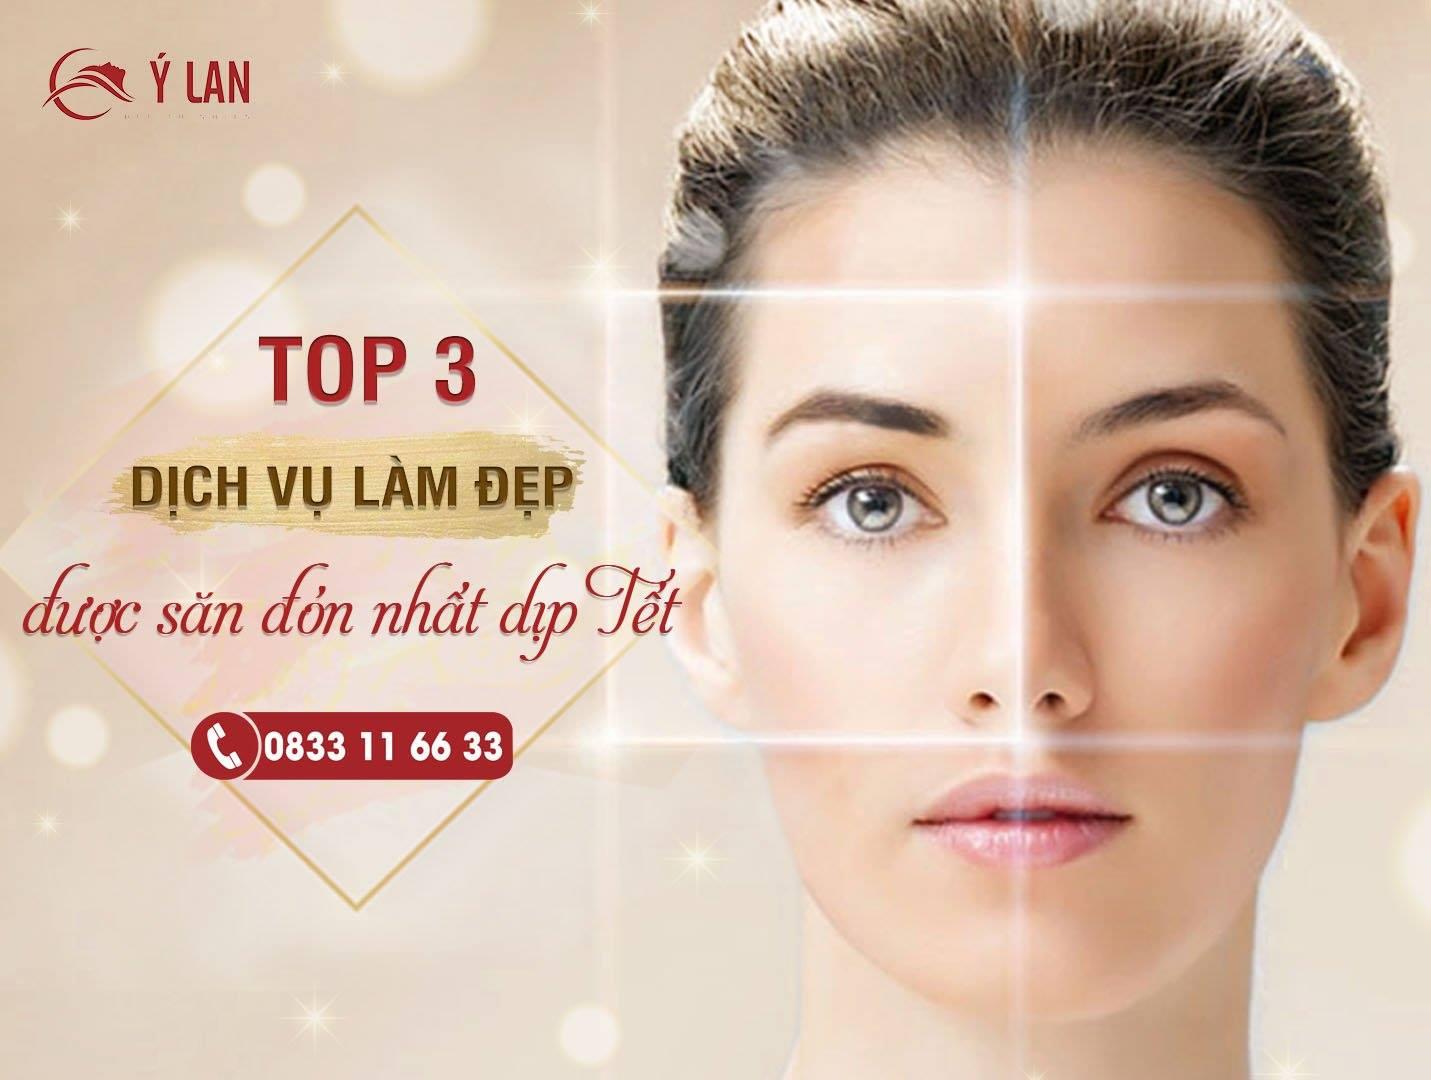 Top_3_dich_vu_lam_dep_tai_Y_Lan_duoc_san_don_nhat_dip_Tet